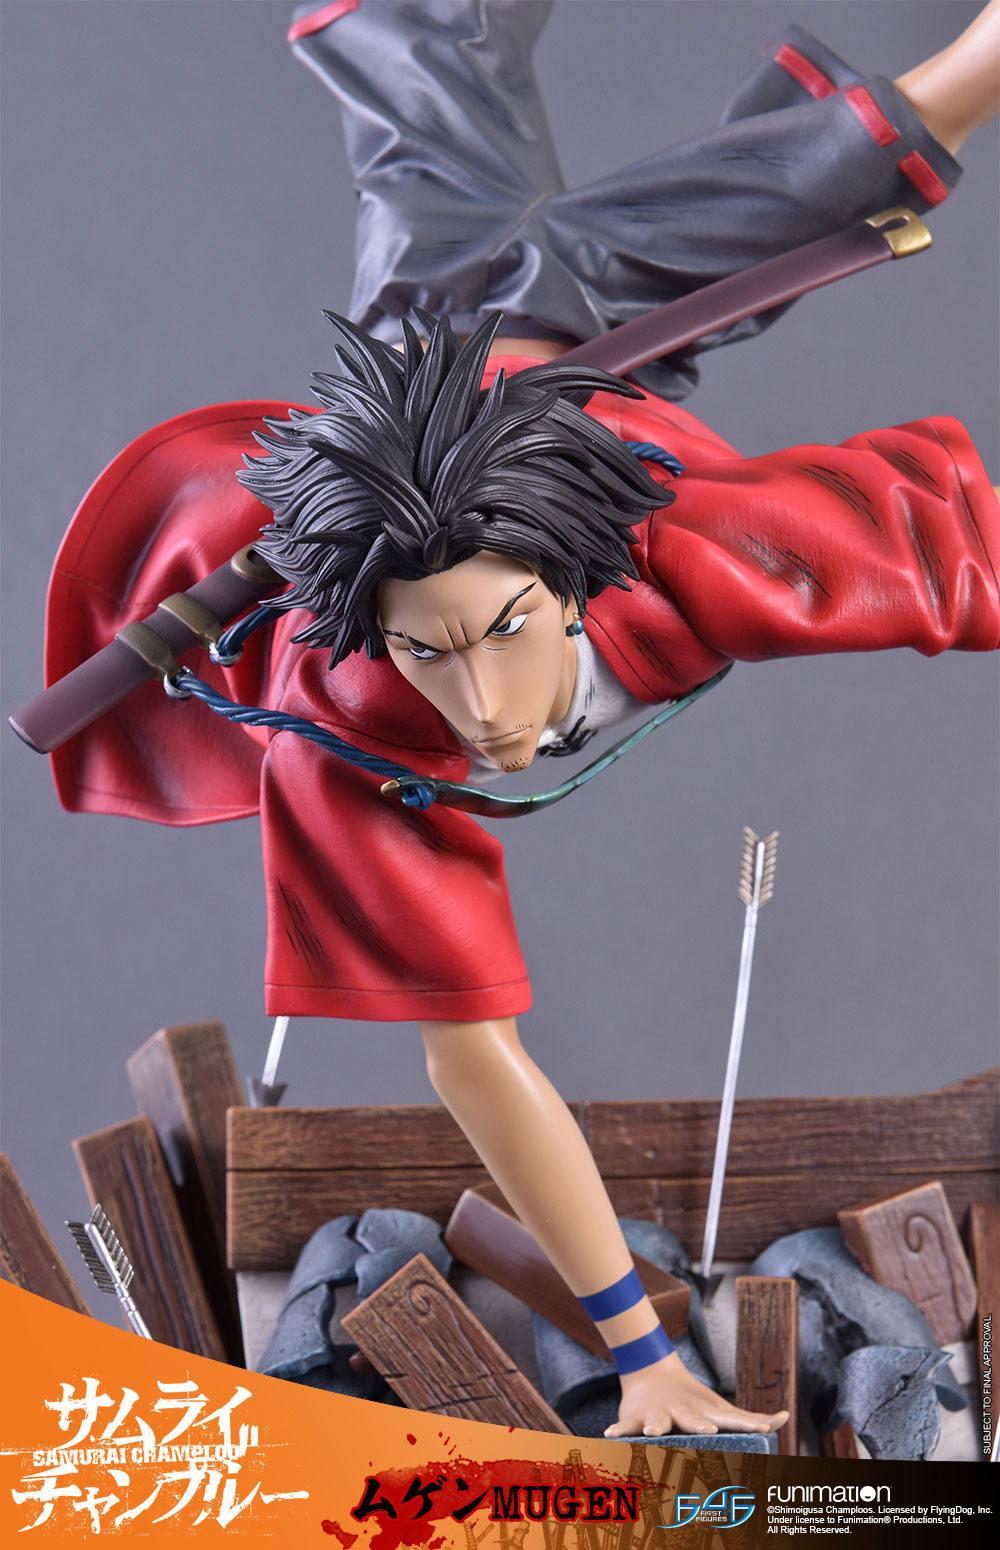 Mugen Samurai Champloo